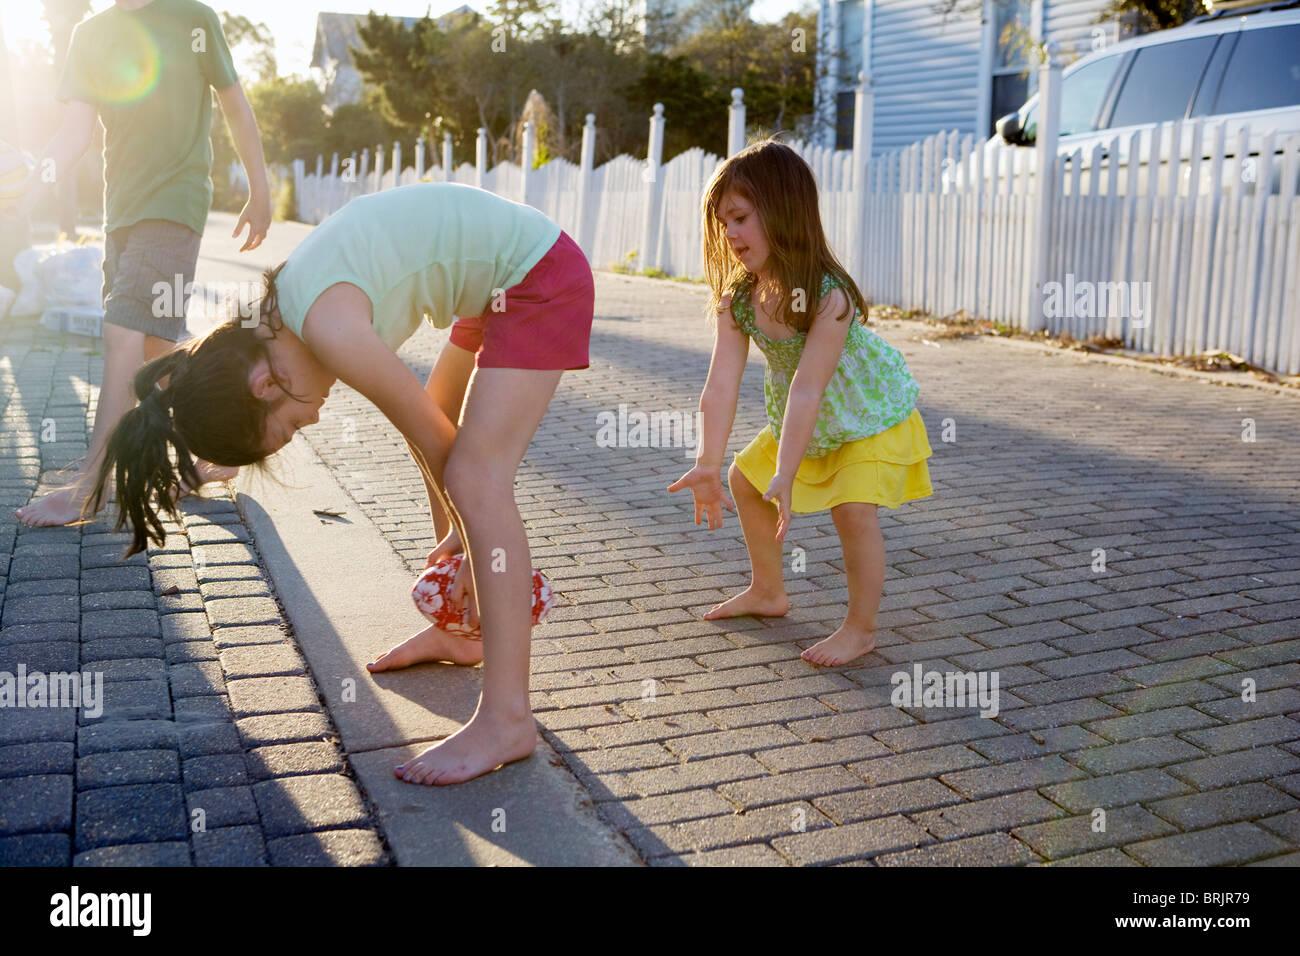 Due bambine sono giocare a calcio in un vicoletto con Sun in background. Immagini Stock